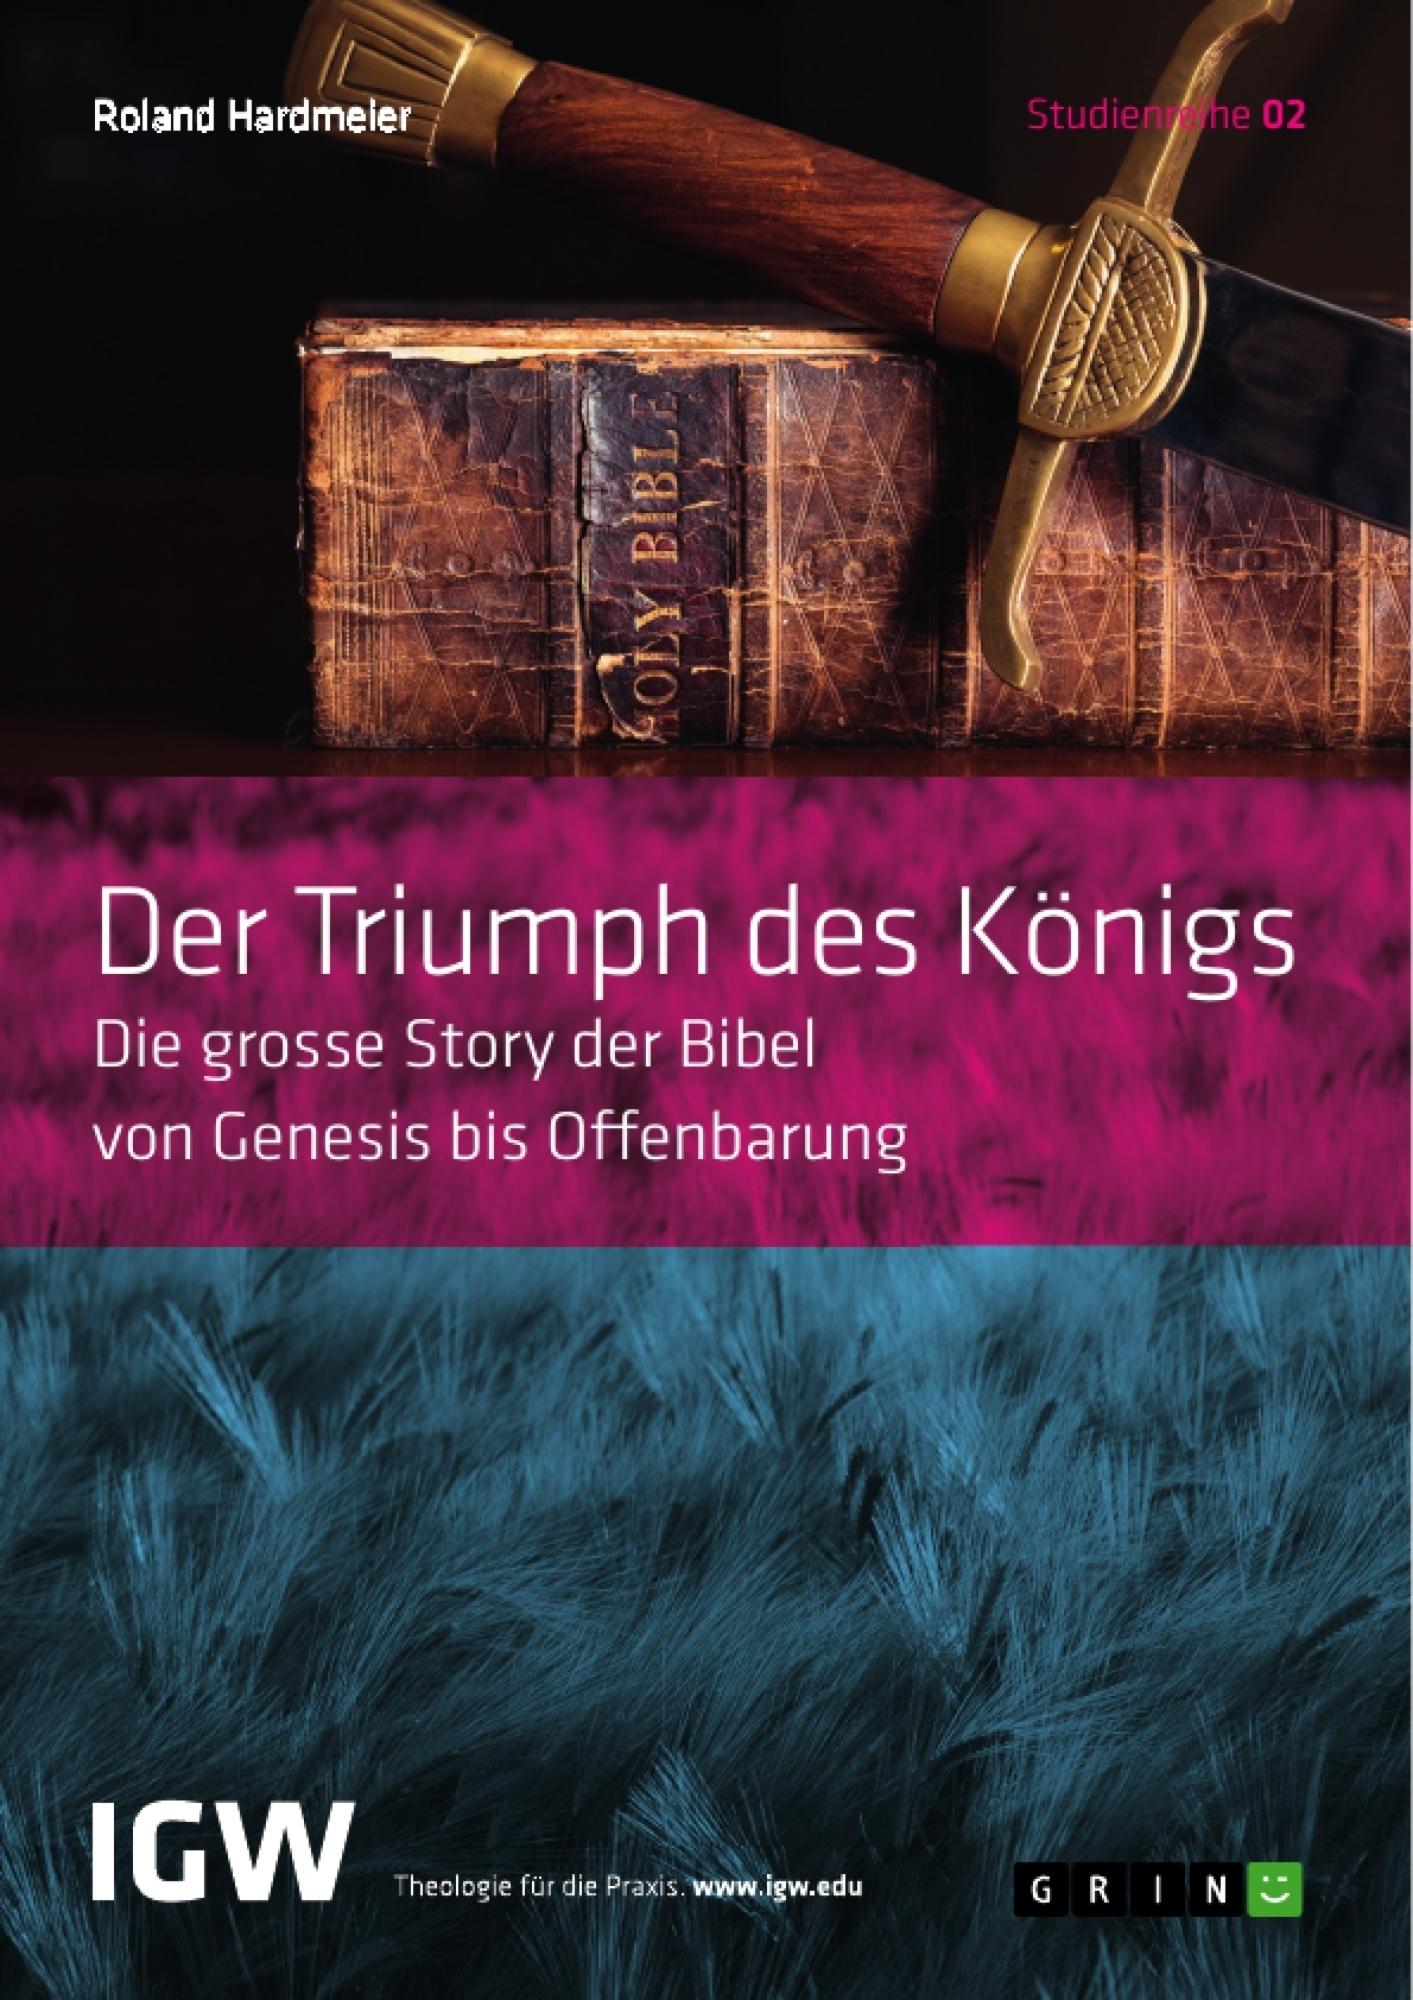 Titel: Der Triumph des Königs. Die grosse Story der Bibel von Genesis bis Offenbarung